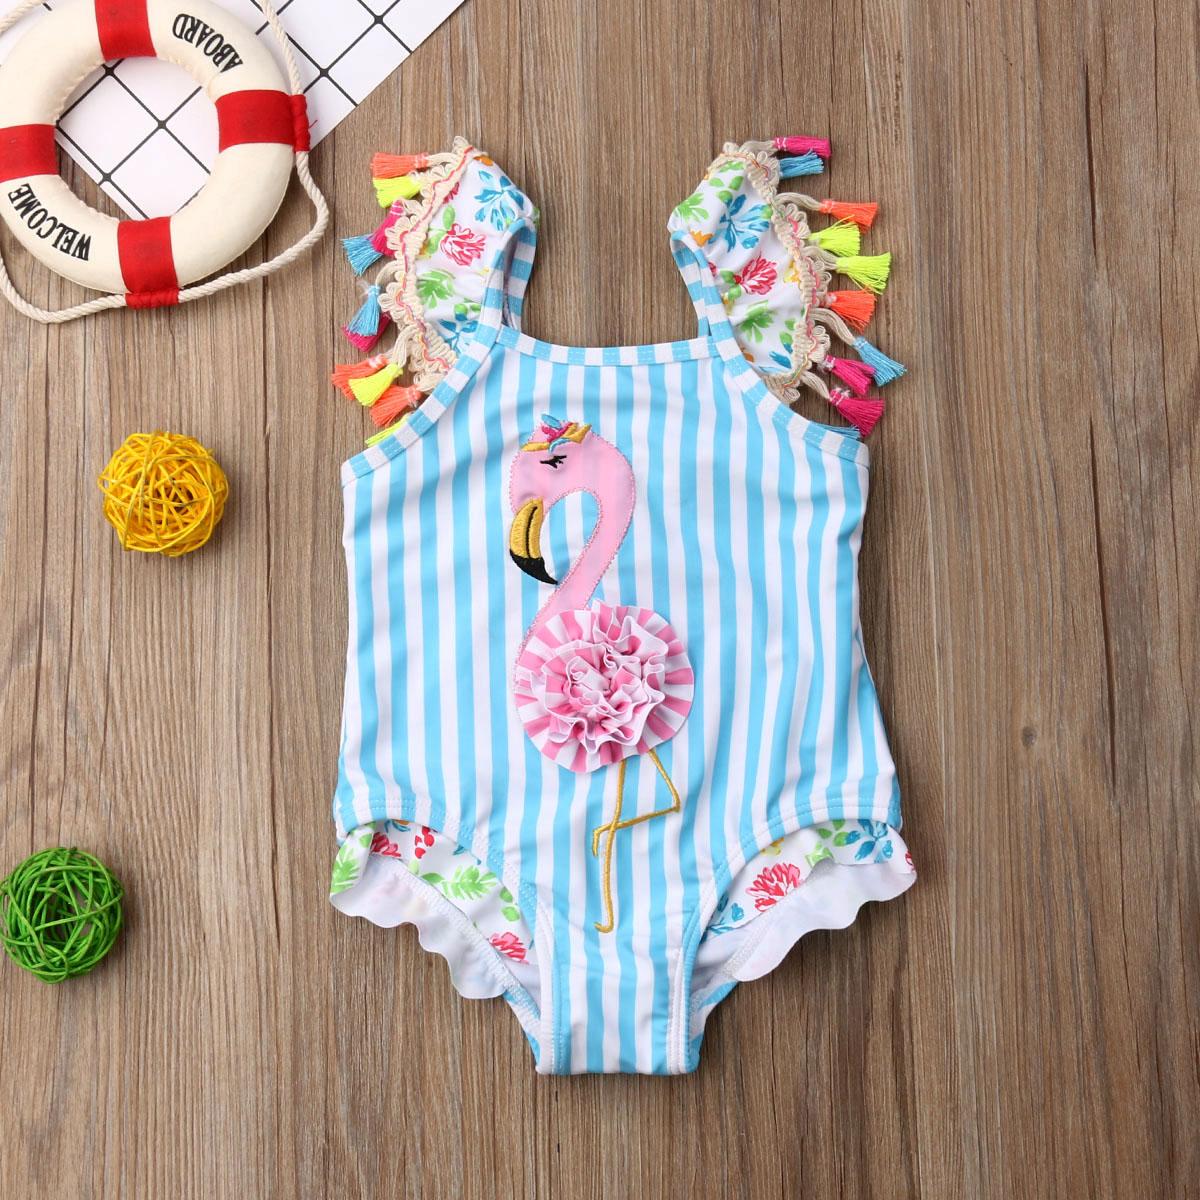 Filles Shopkins bikini ensemble deux pièces Swim Wear swimming costume Beach Wear